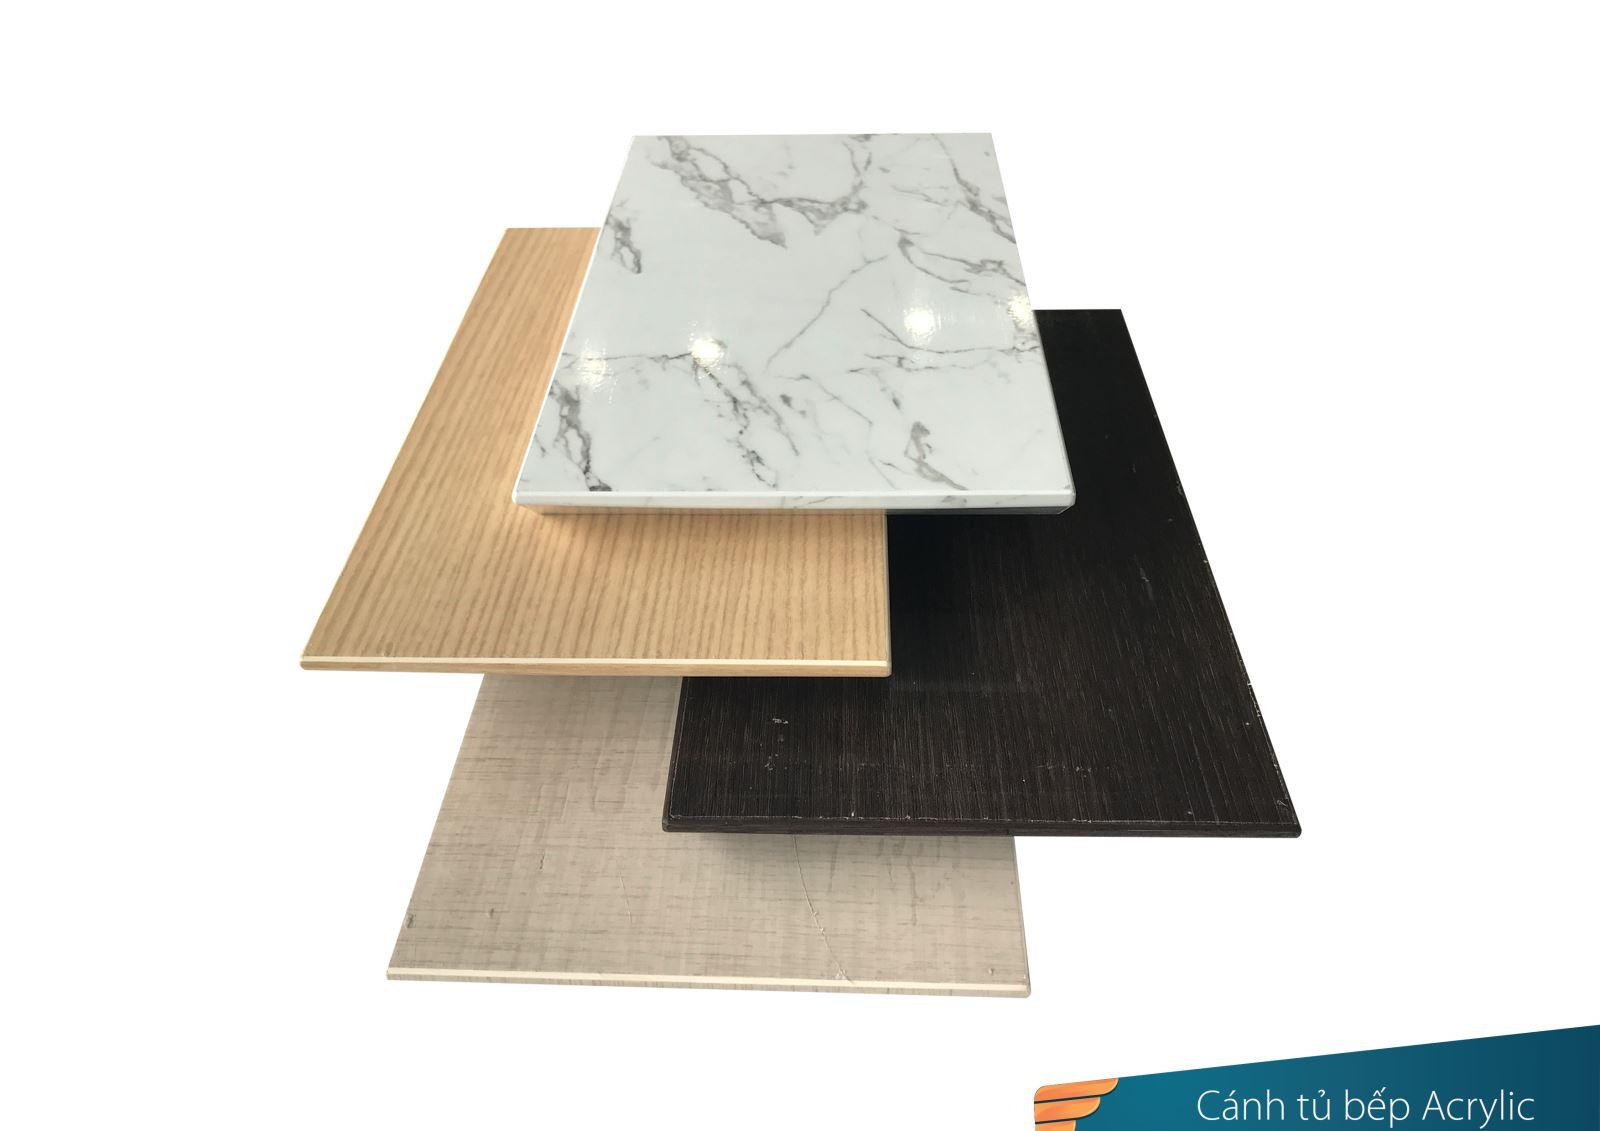 Cánh tủ bếp dán bề mặt Acylic trên tấm nhựa Picomat